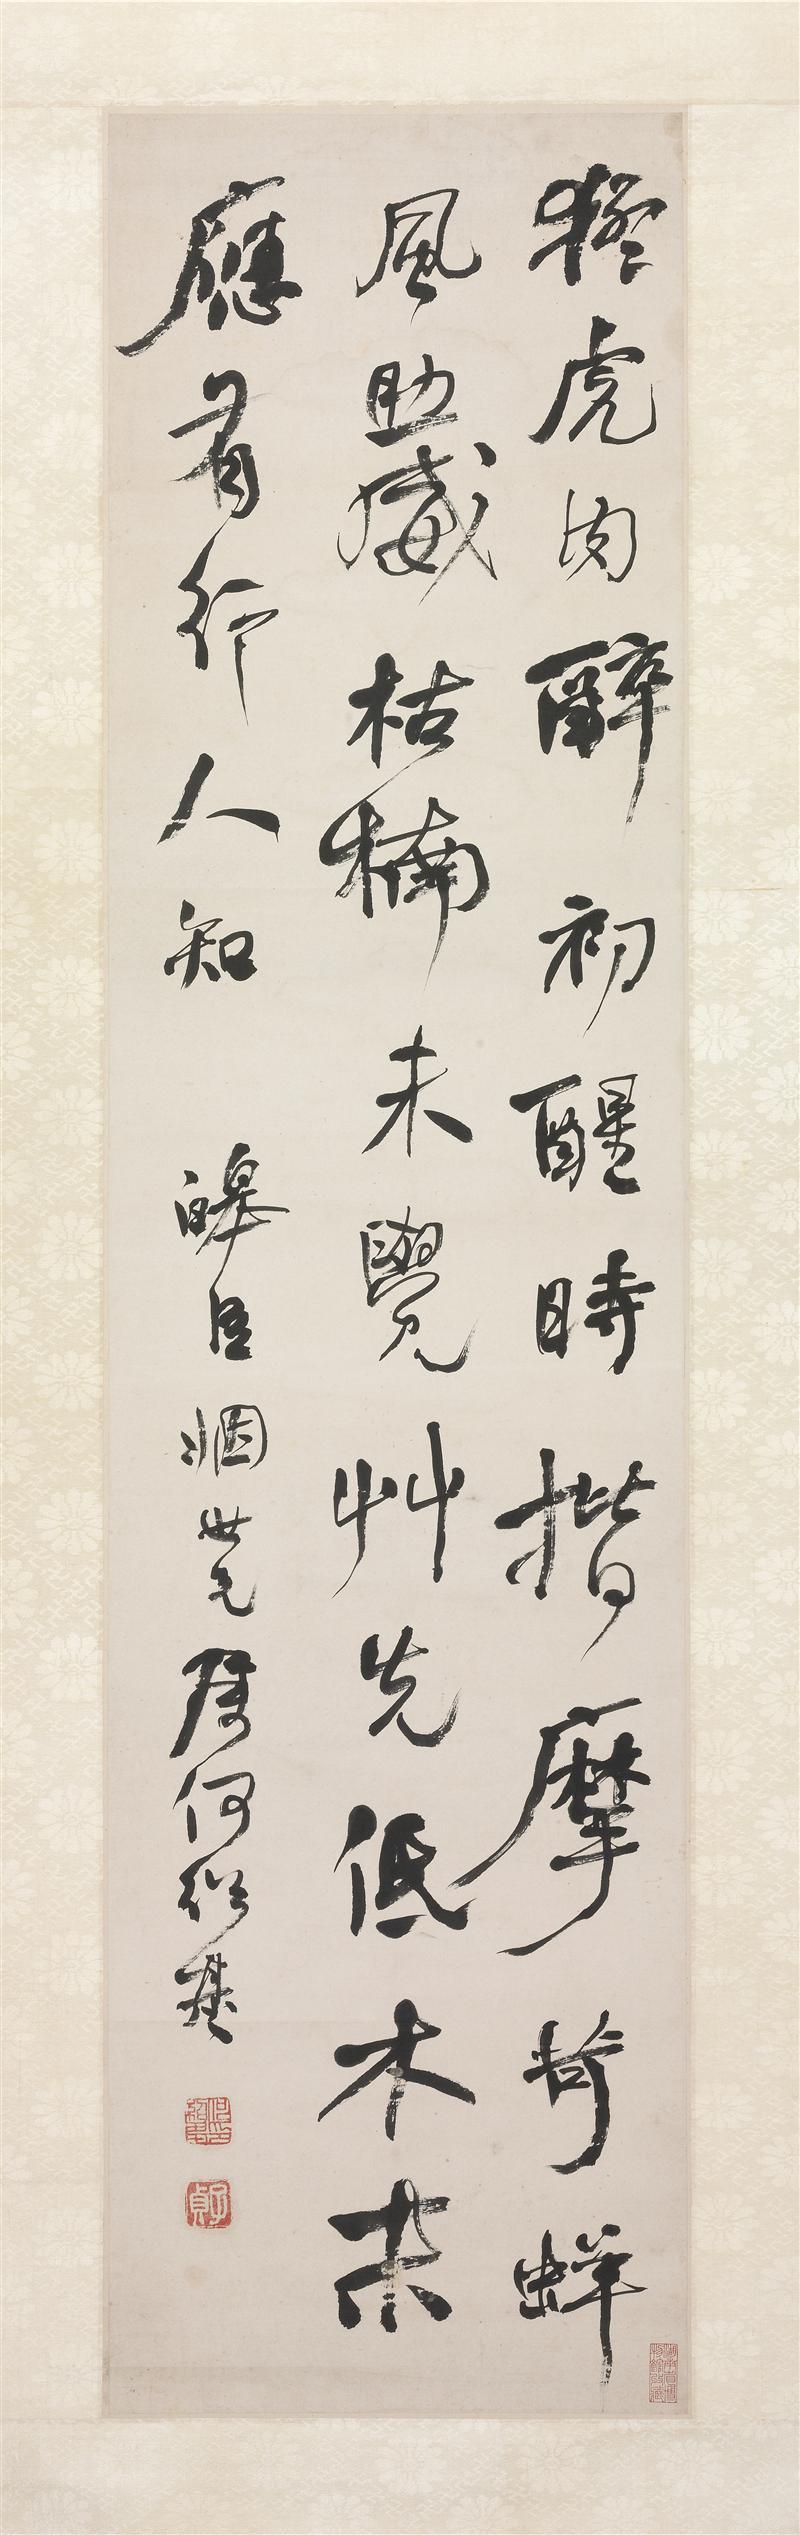 何绍基《录黄庭坚题伯时画揩痒虎诗轴》湖南省博物馆藏